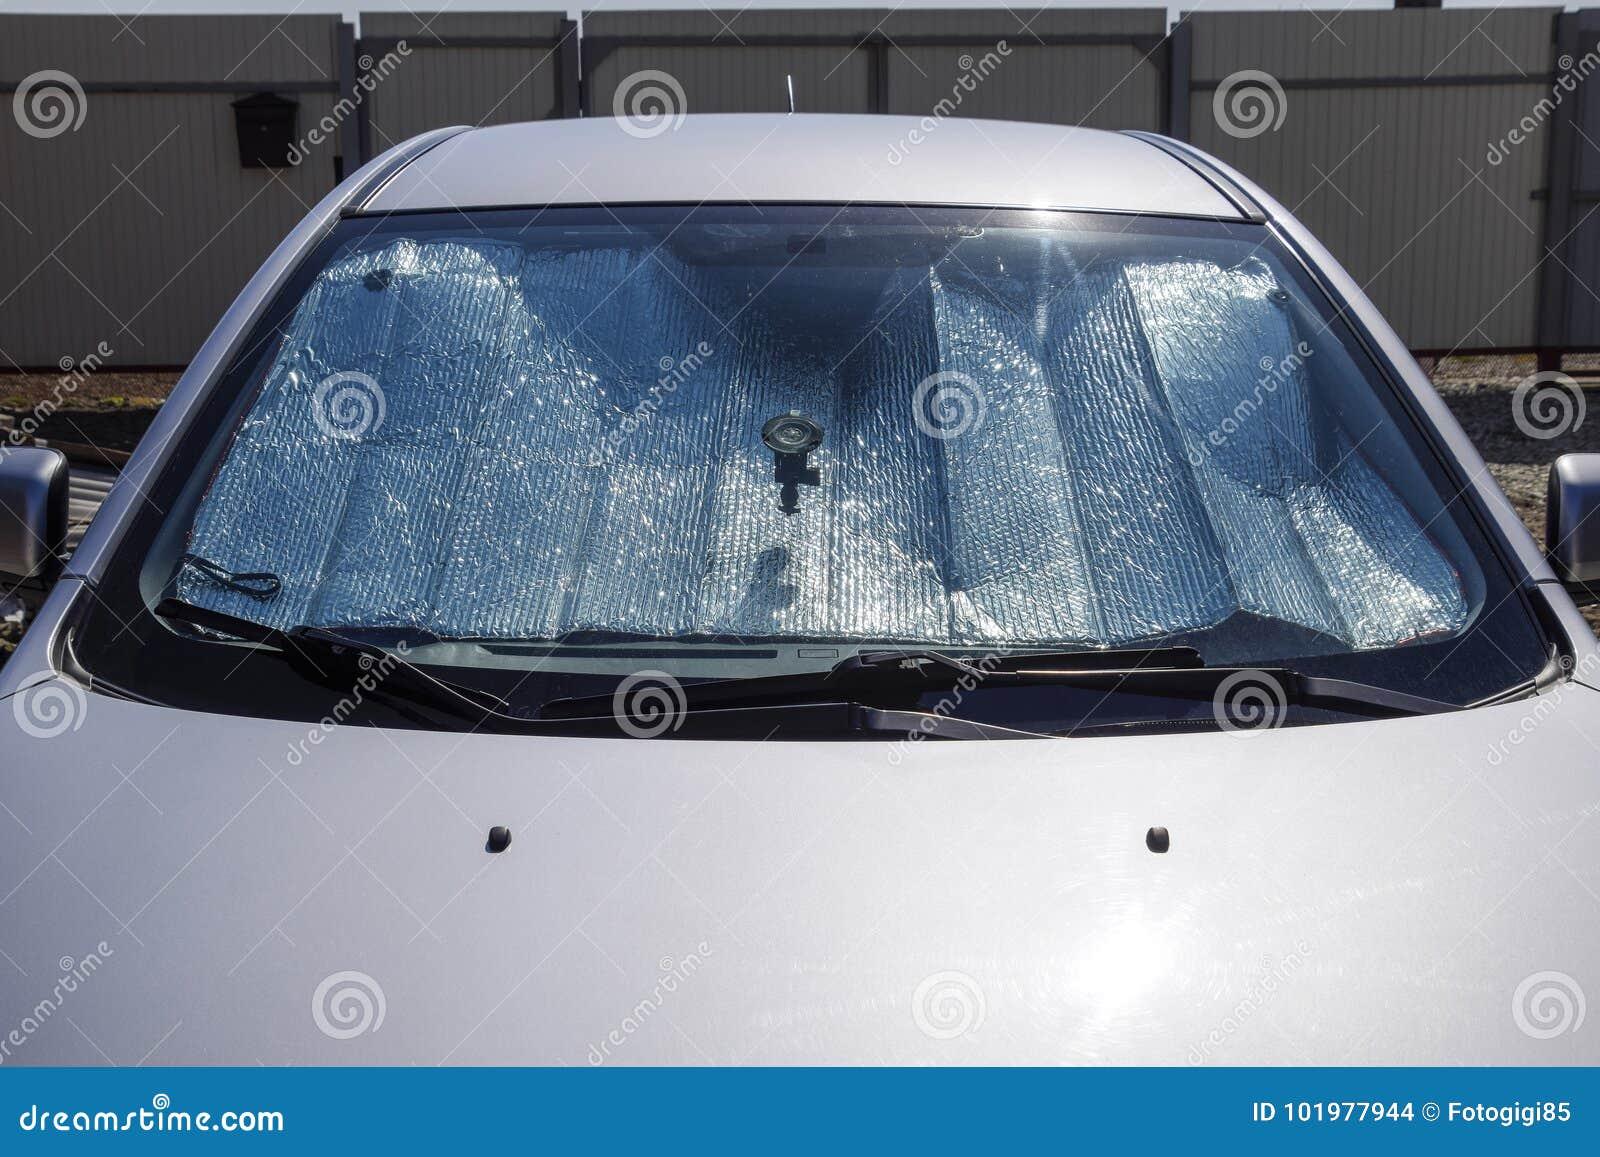 太阳反射器挡风玻璃 汽车盘区的保护免受direc